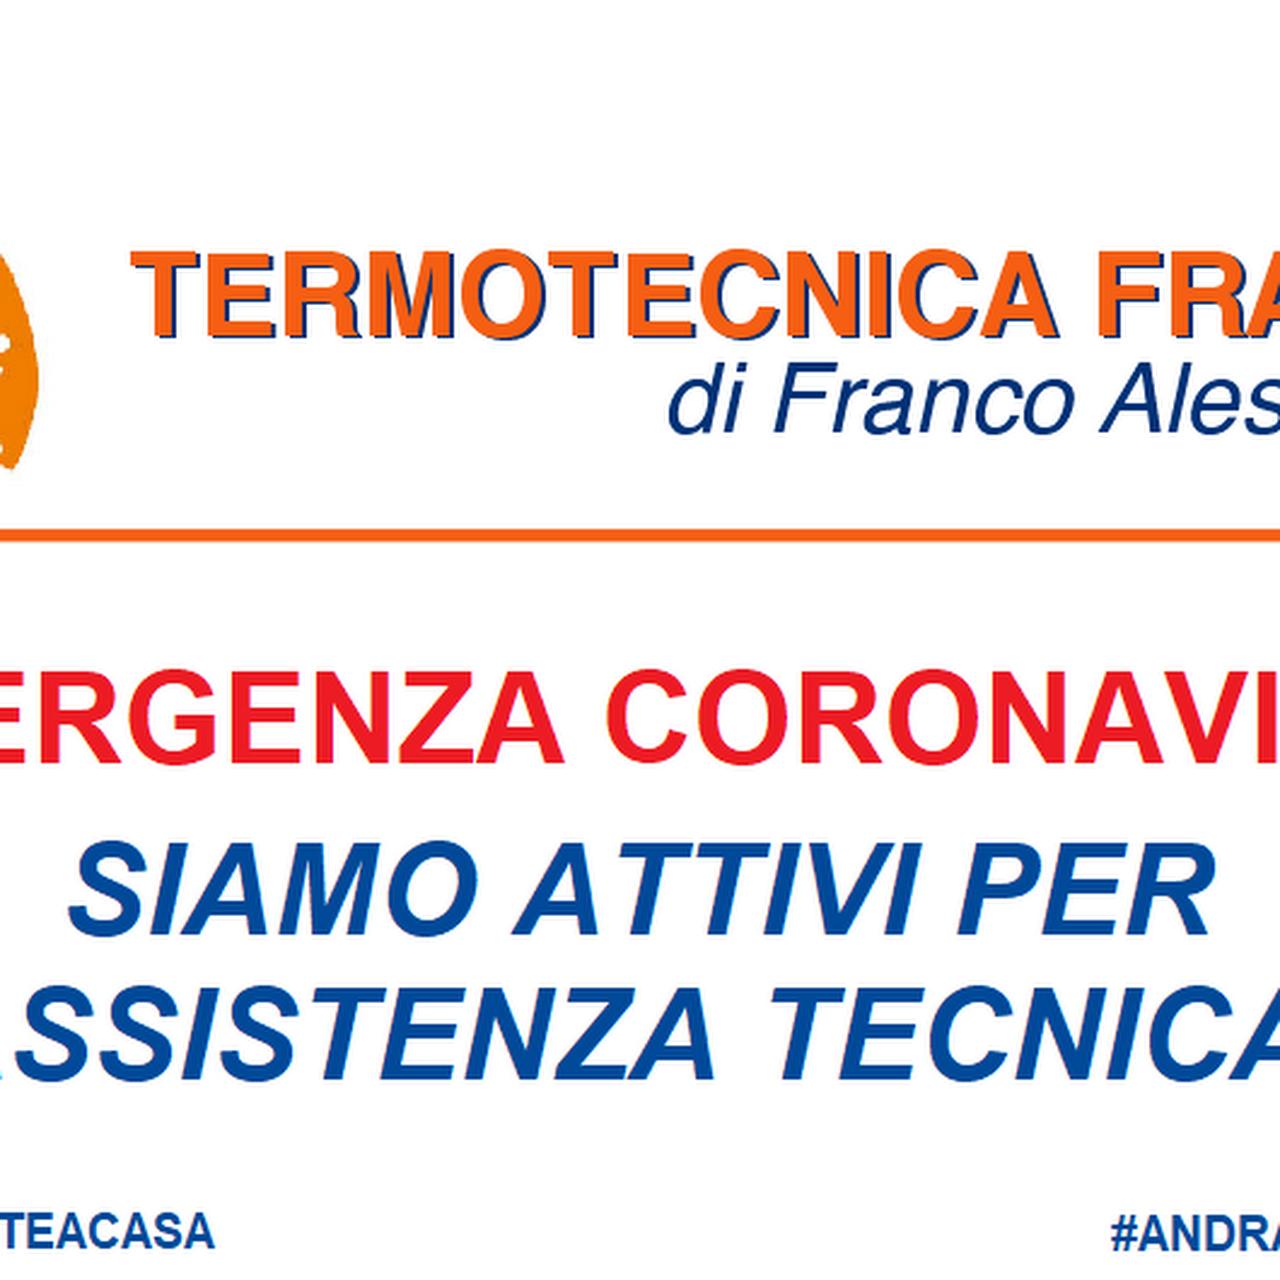 Termosanitaria San Vito Dei Normanni termotecnica franco - impianti di raffreddamento e idrici a bari